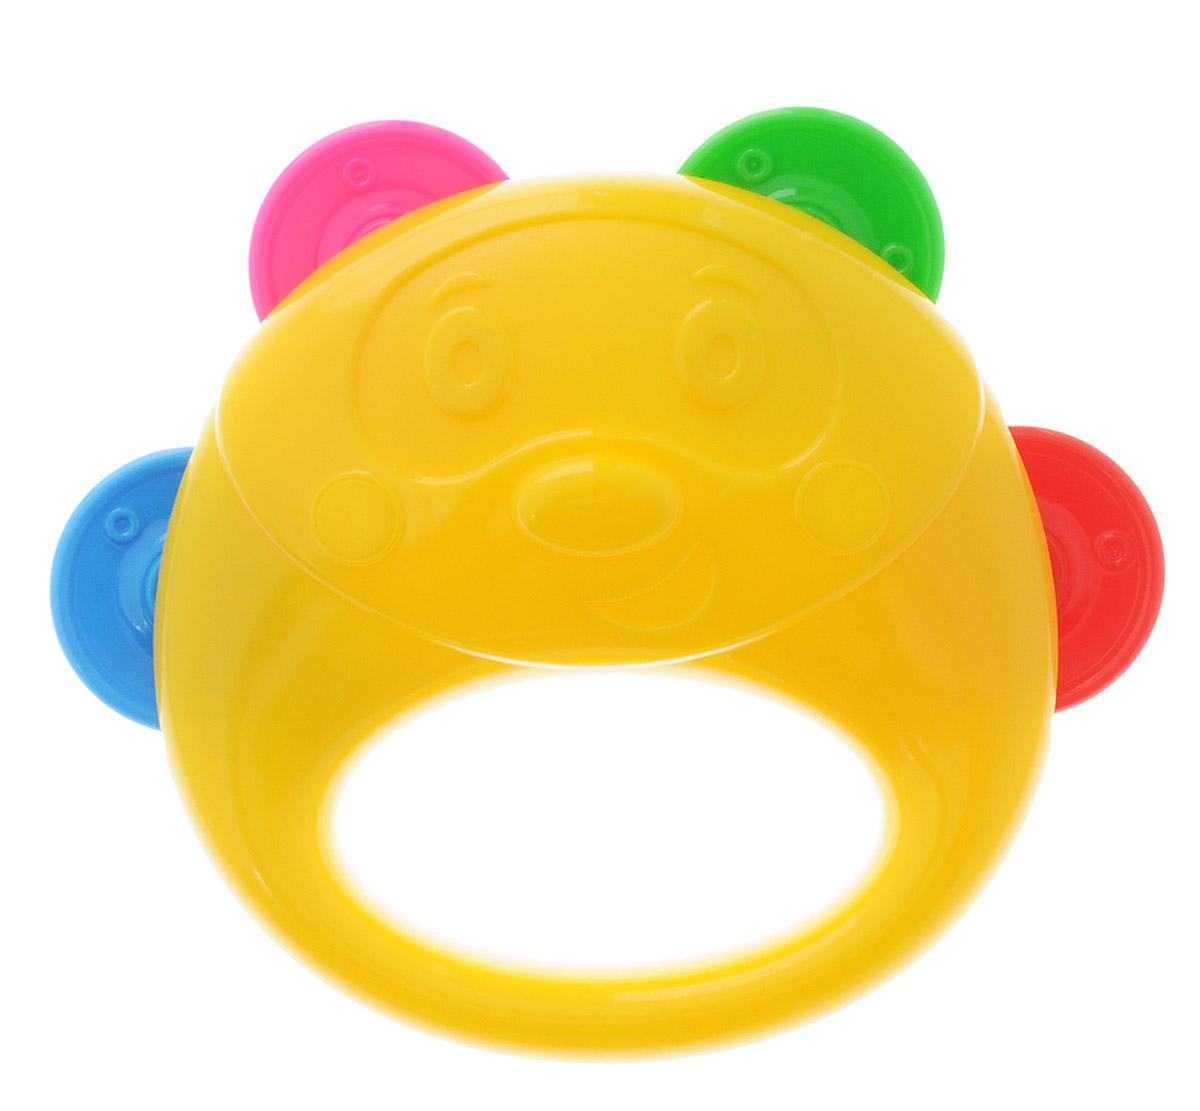 Stellar Бубен цвет белый желтый1914Бубен Stellar - это один из самых первых инструментов, который идеально подойдет для ребенка. Яркий ударный инструмент, по которому ребенок может ударять ладошкой, а также трясти его в ручке. Бубен выполнен из прочного материала и имеет 4 пары разноцветных пластиковых дисков, которые при движении издают приятный звук. Мальчики и девочки смогут аккомпанировать себе во время пения или отбивать ритм, исполняя искрометный танец. Игрушка развивает цветовосприятие, тактильную чувствительность, координацию движений. Формирует зрительно-моторную и зрительно-слуховую координацию.